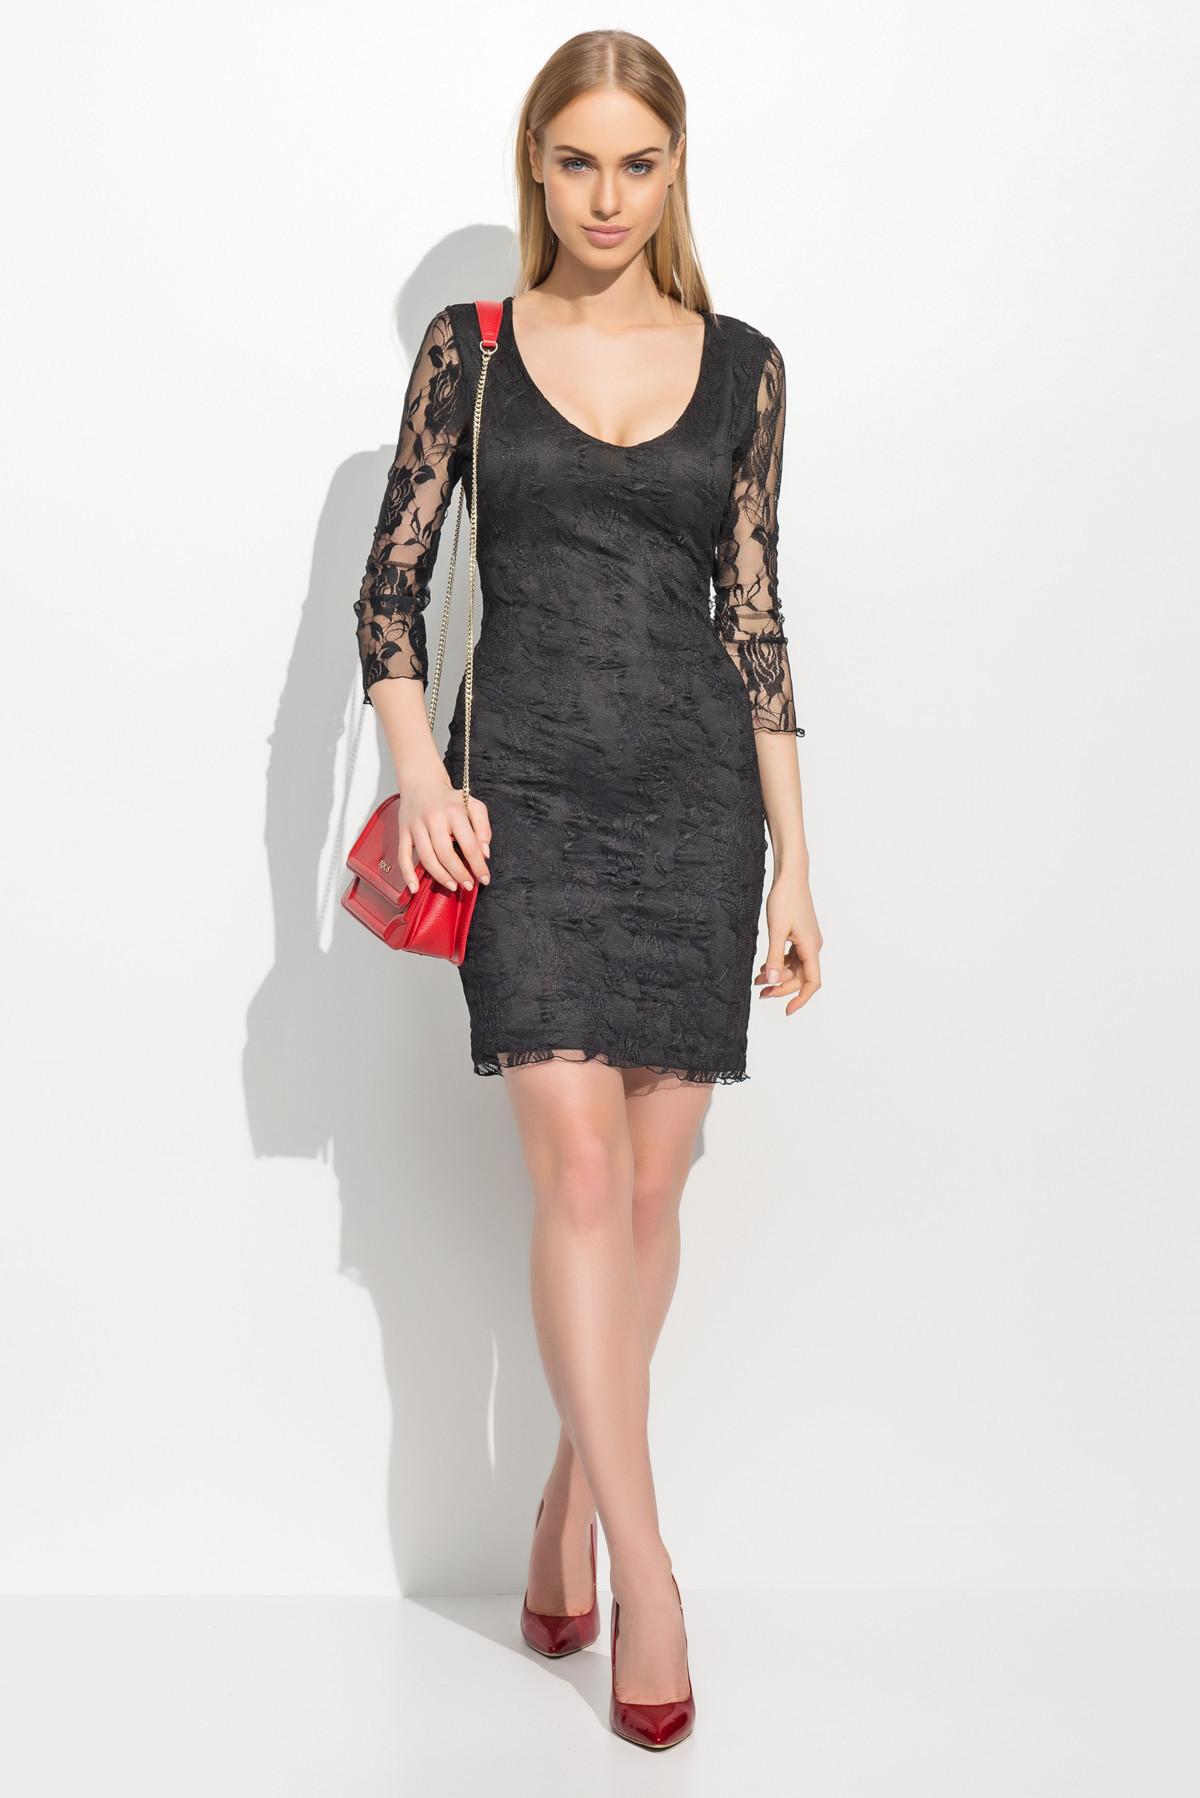 Dámske spoločenské šaty krajkové s 3/4 rukávom krátke čierne - Čierna / S - Makadamové čierna 36